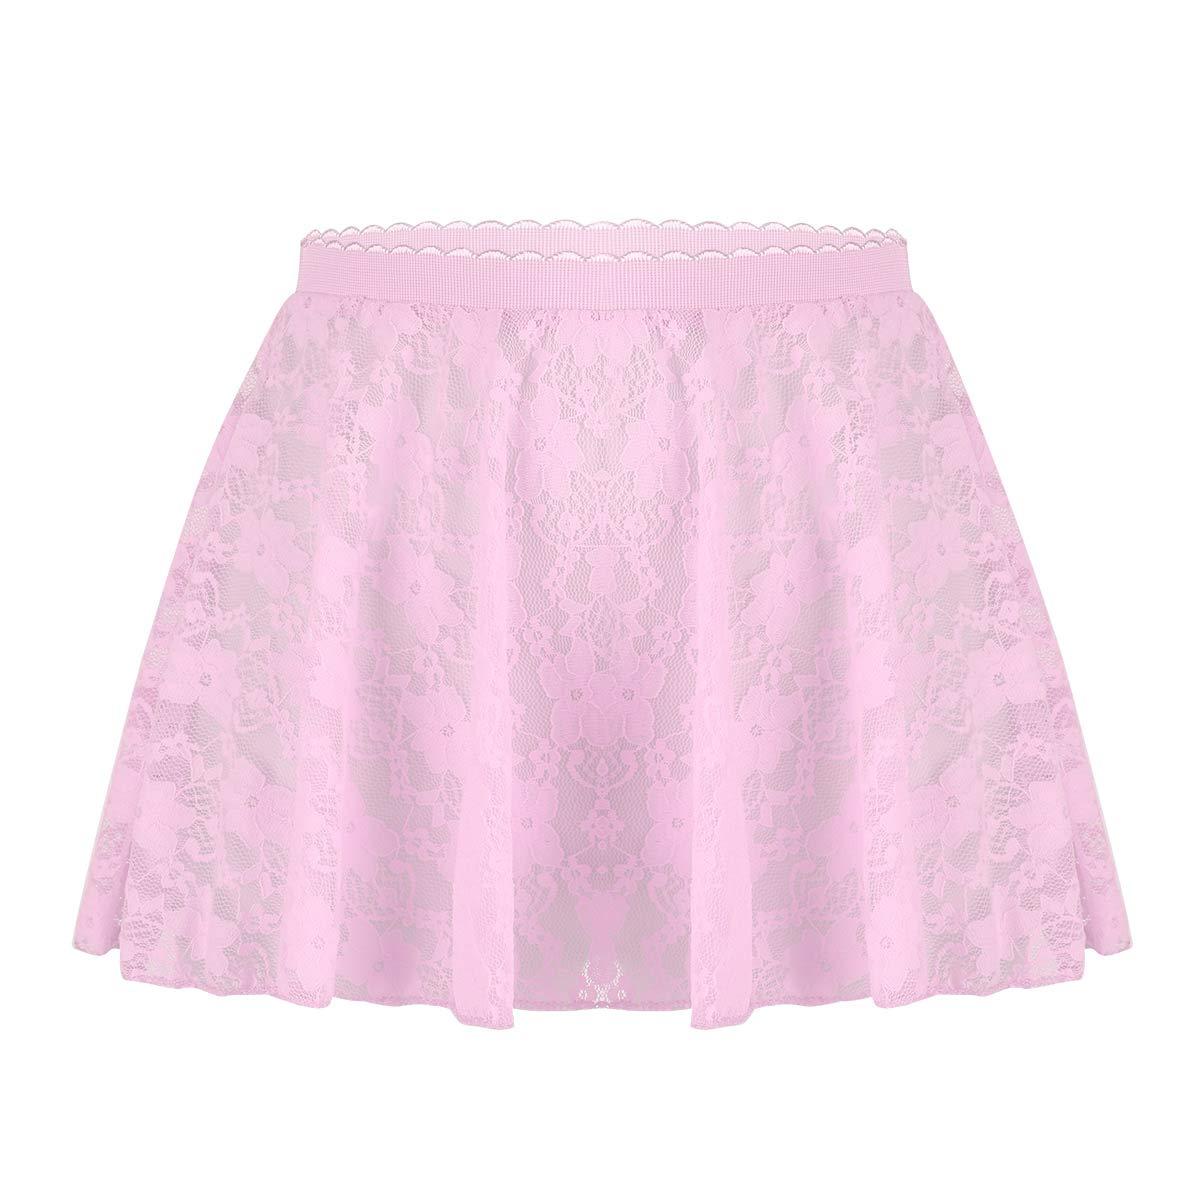 Freebily Kids Girls Dance Basic Classic Chiffon Mini Pull-On Wrap Skirt Pink (Lace) 5-6